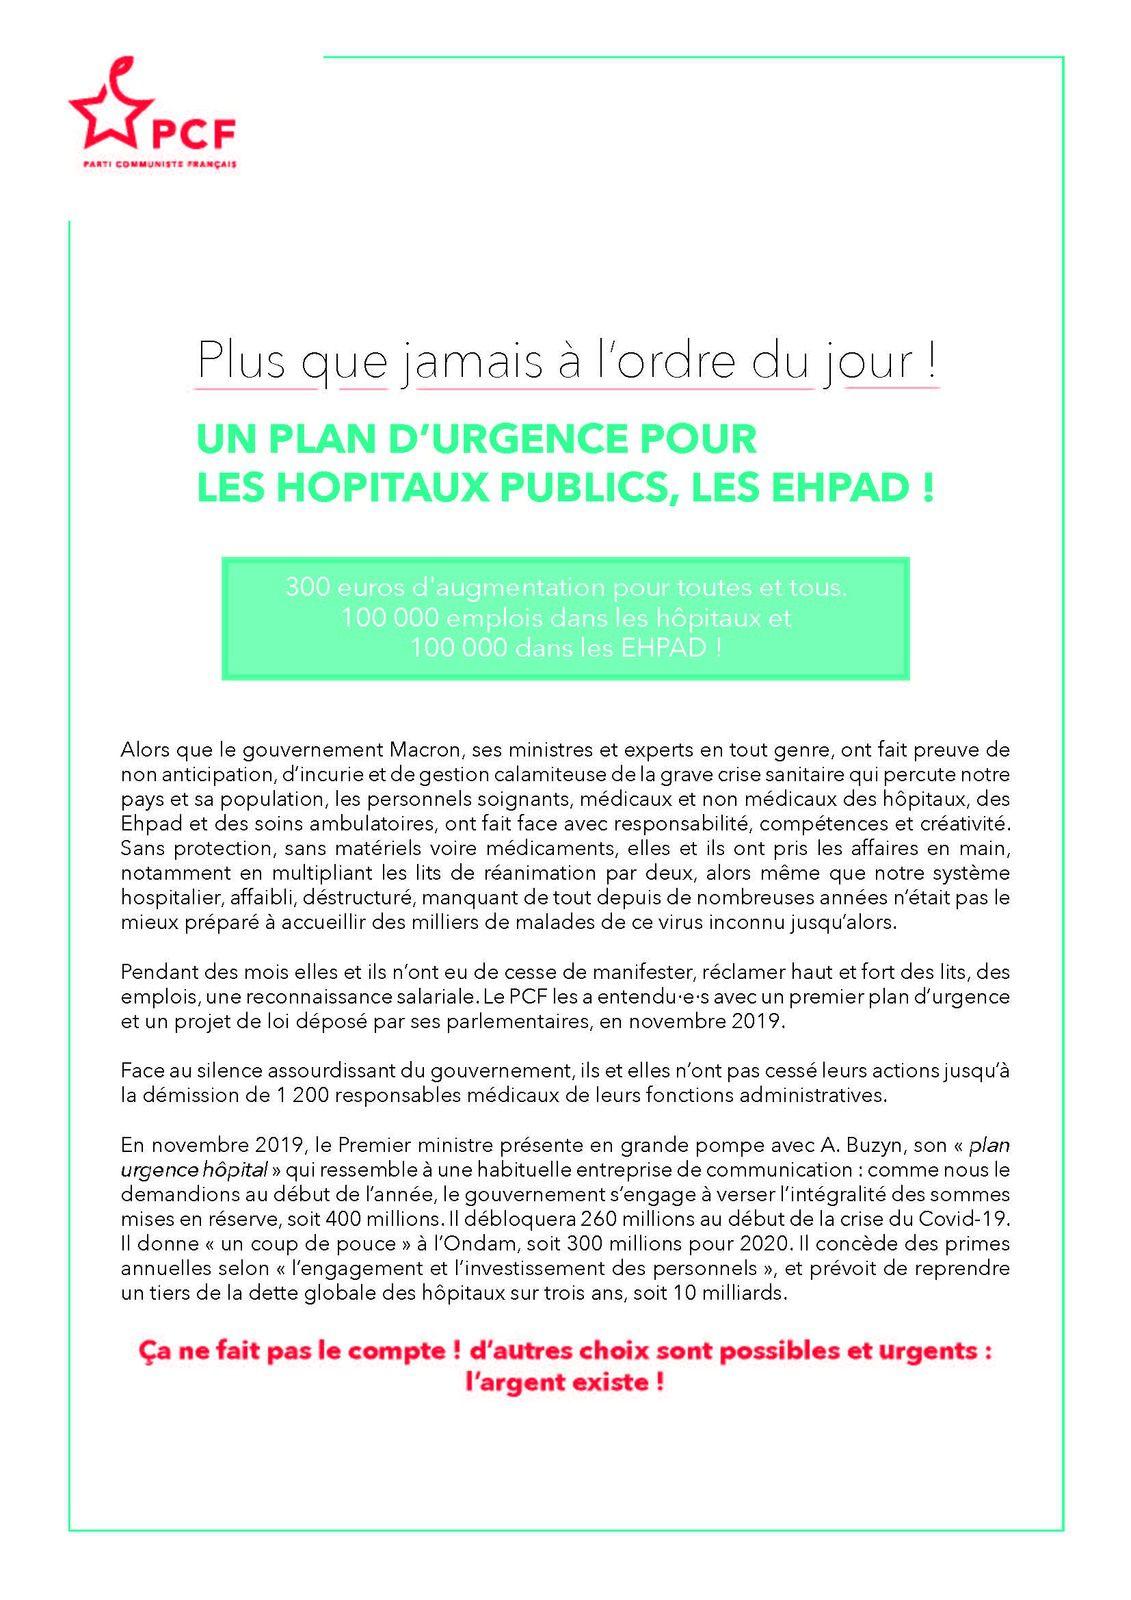 PCF - Plus que jamais à l'ordre du jour ! Un plan d'urgence pour les hôpitaux publics et les Ehpad